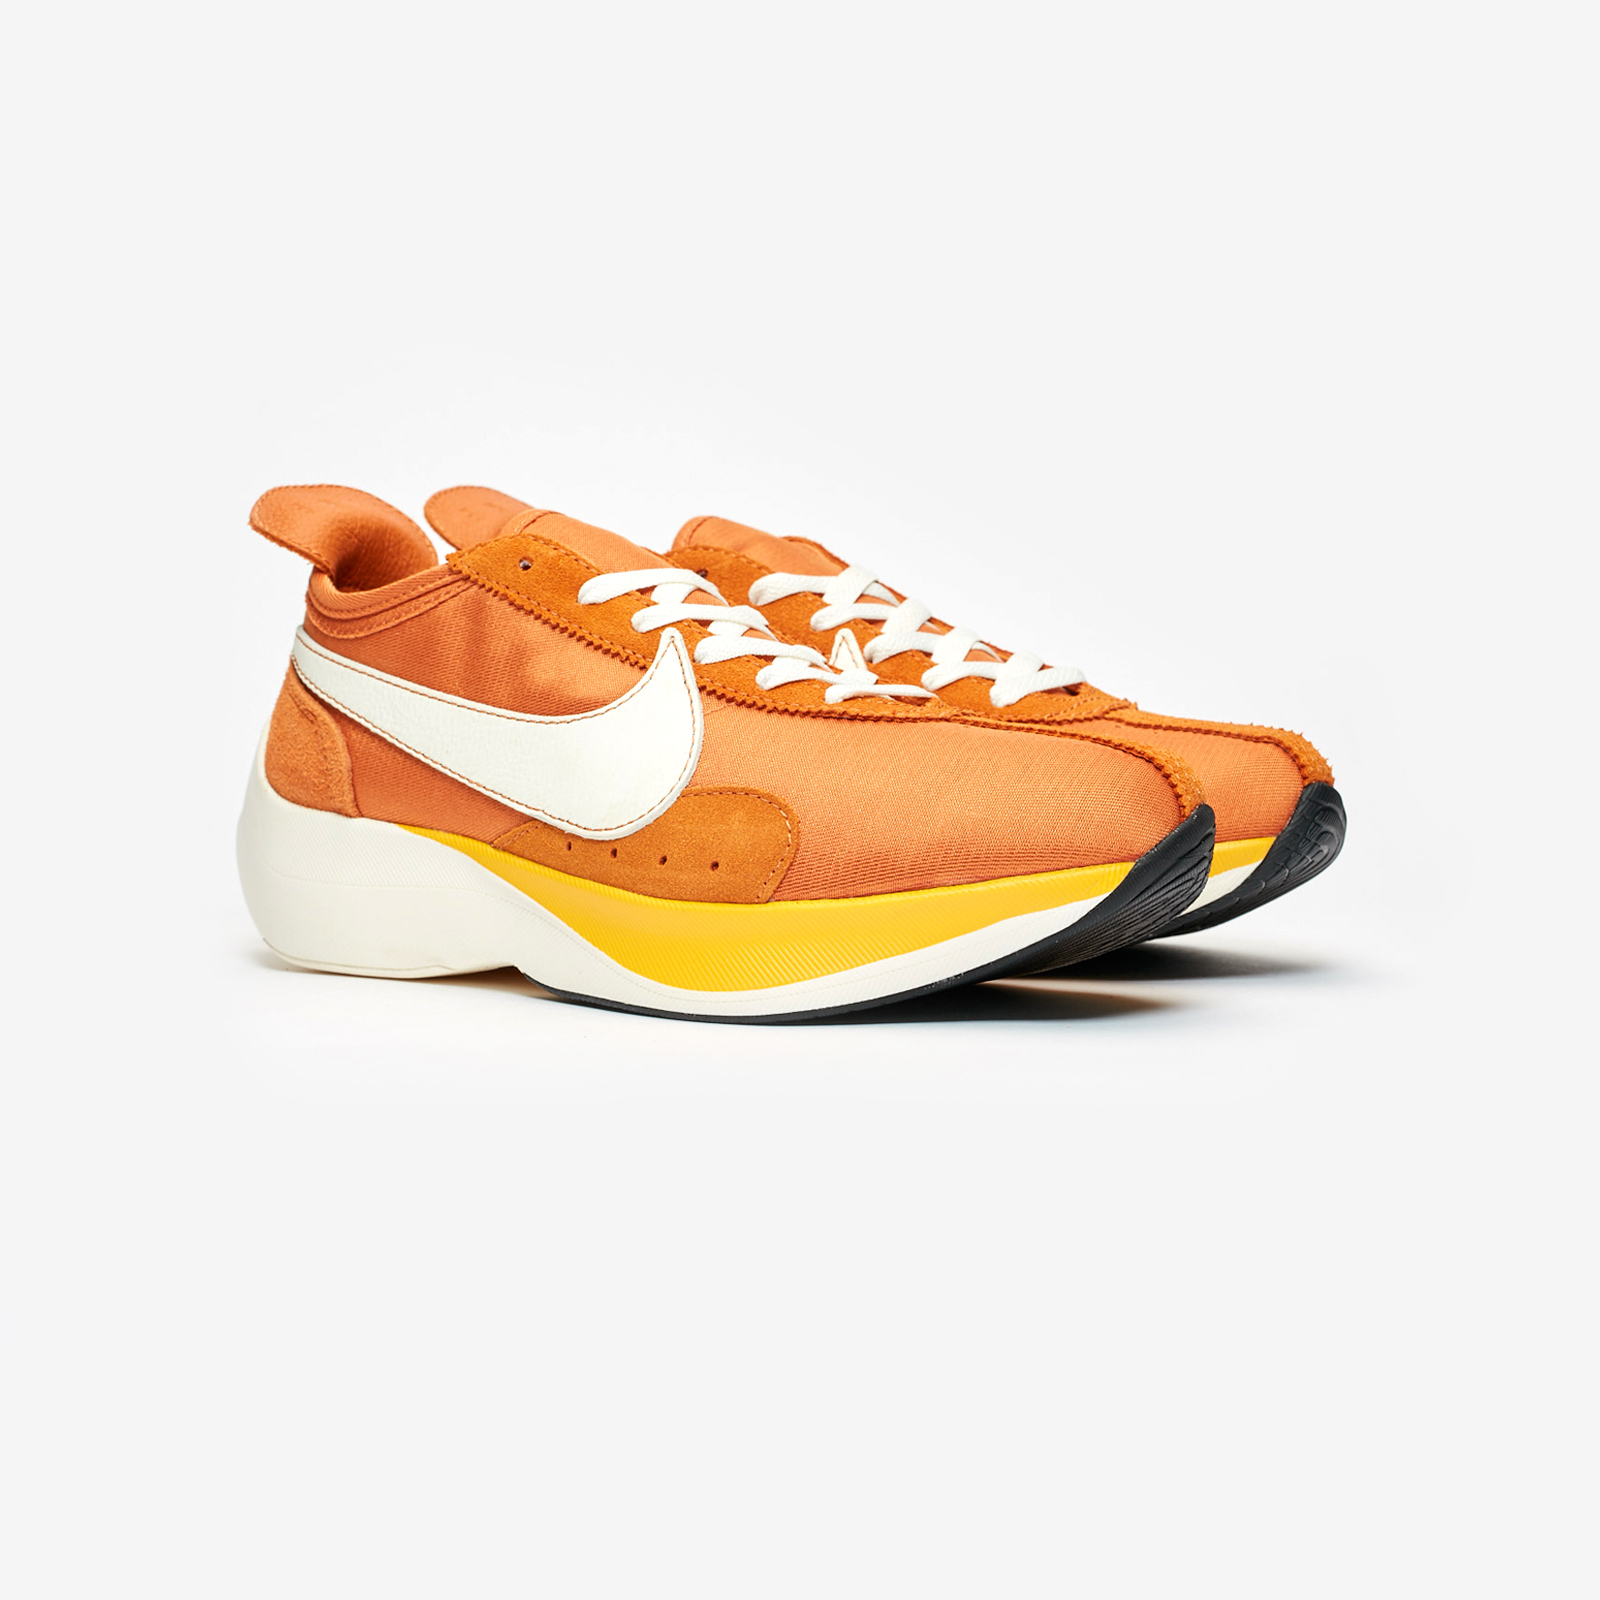 new styles a8825 b3907 Nike Sportswear Moon Racer QS